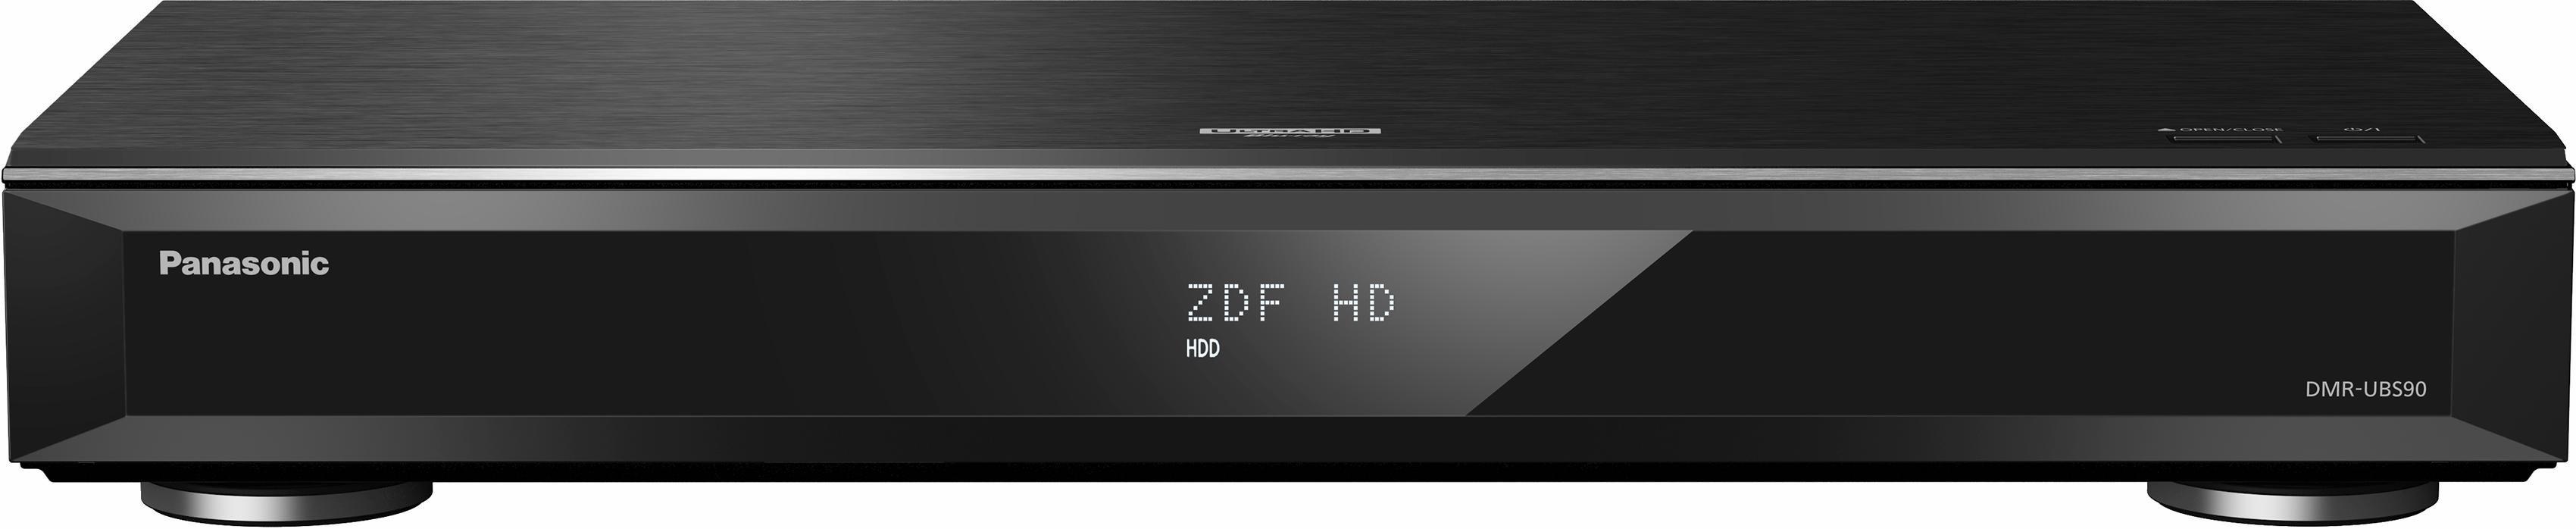 Panasonic DMR-UBS90EGK UHD blu-ray-recorder met twin DVB-S-tuner in de webshop van OTTO kopen